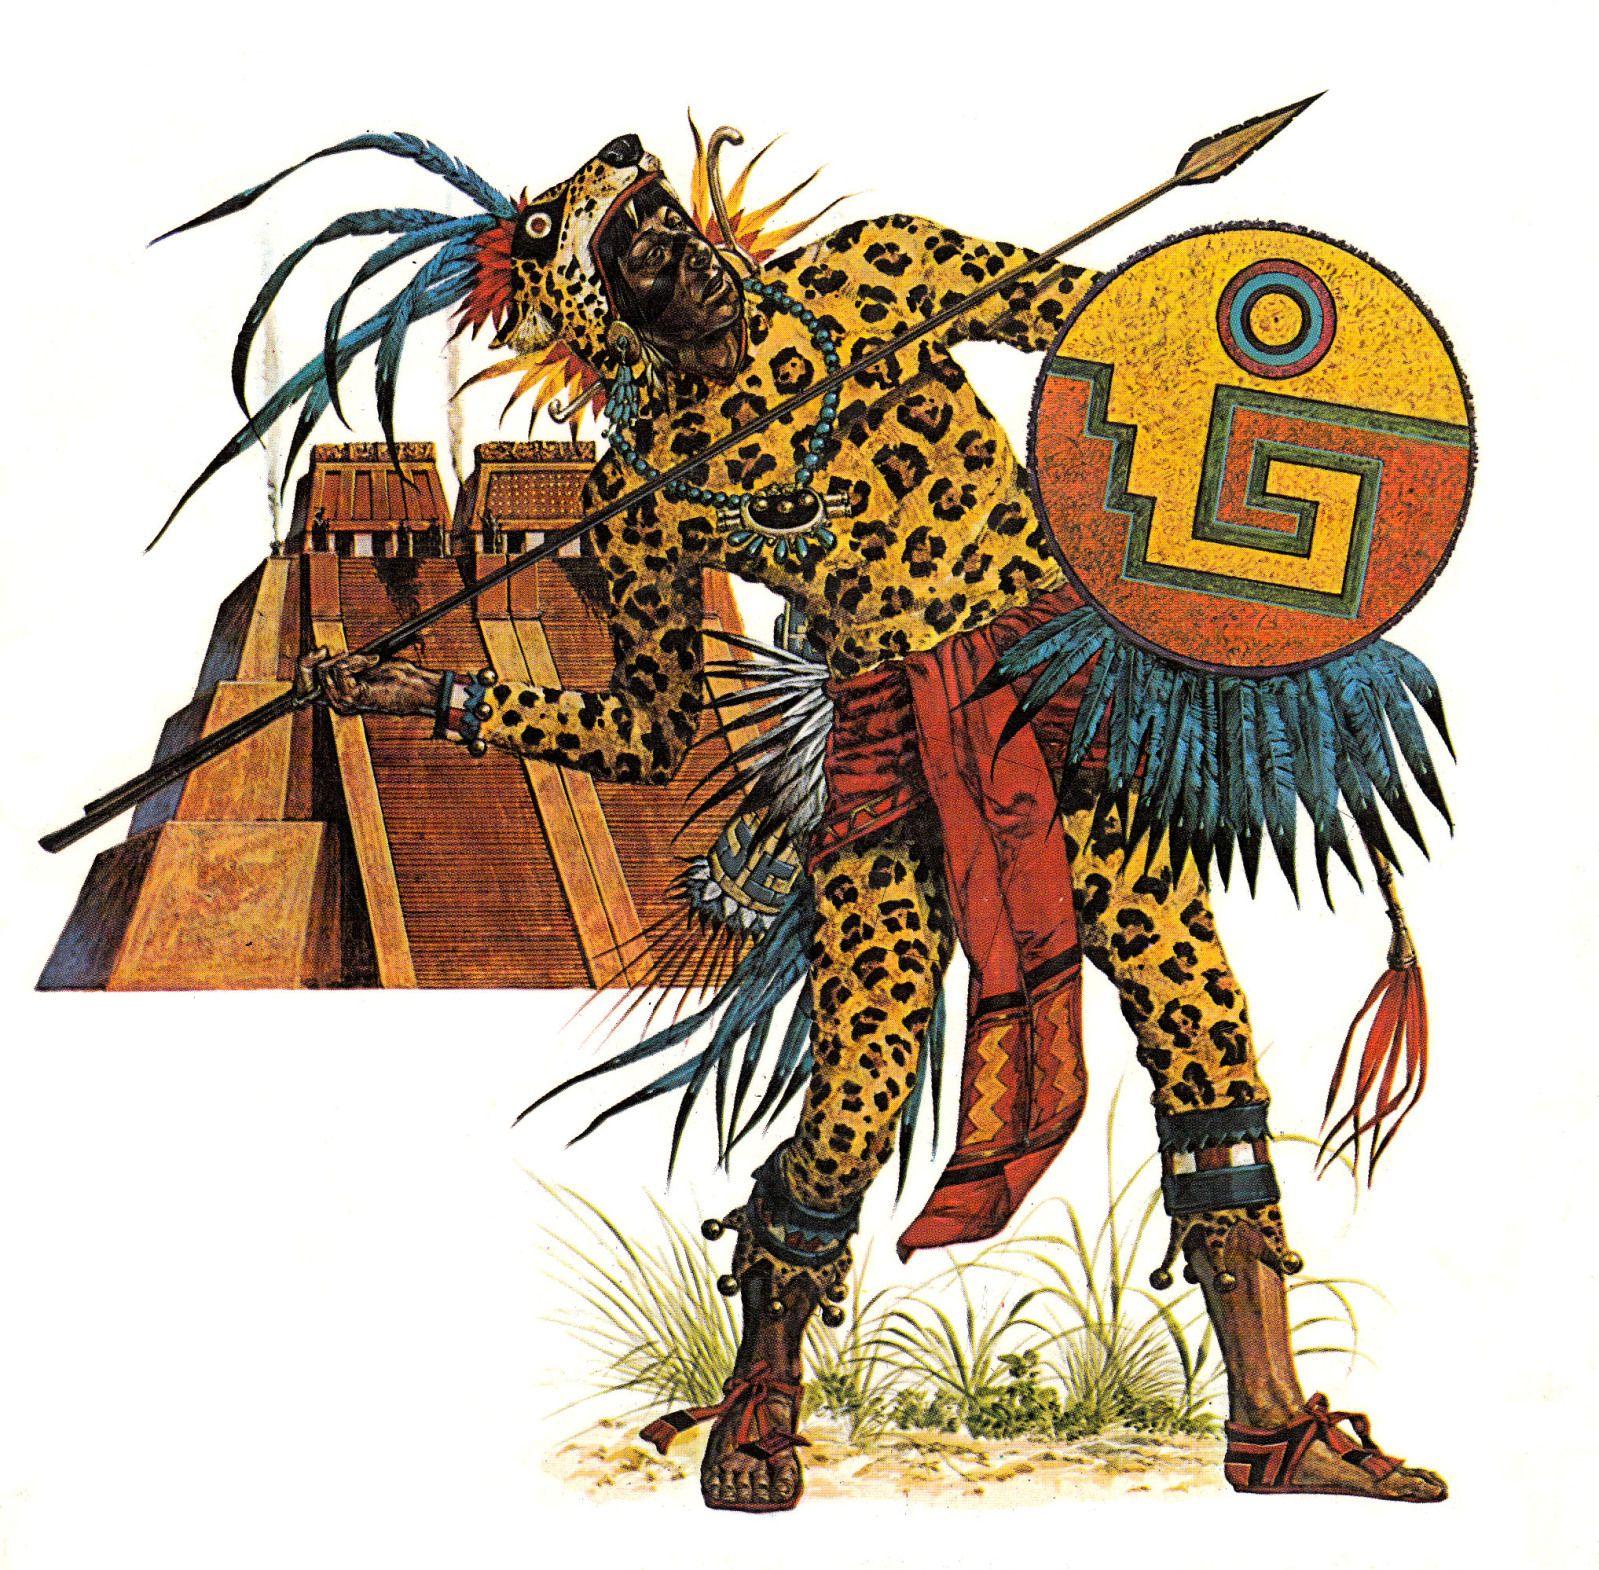 Inca Jaguar: Total_war1434067354___7.jpg 1,599×1,570 Pixels